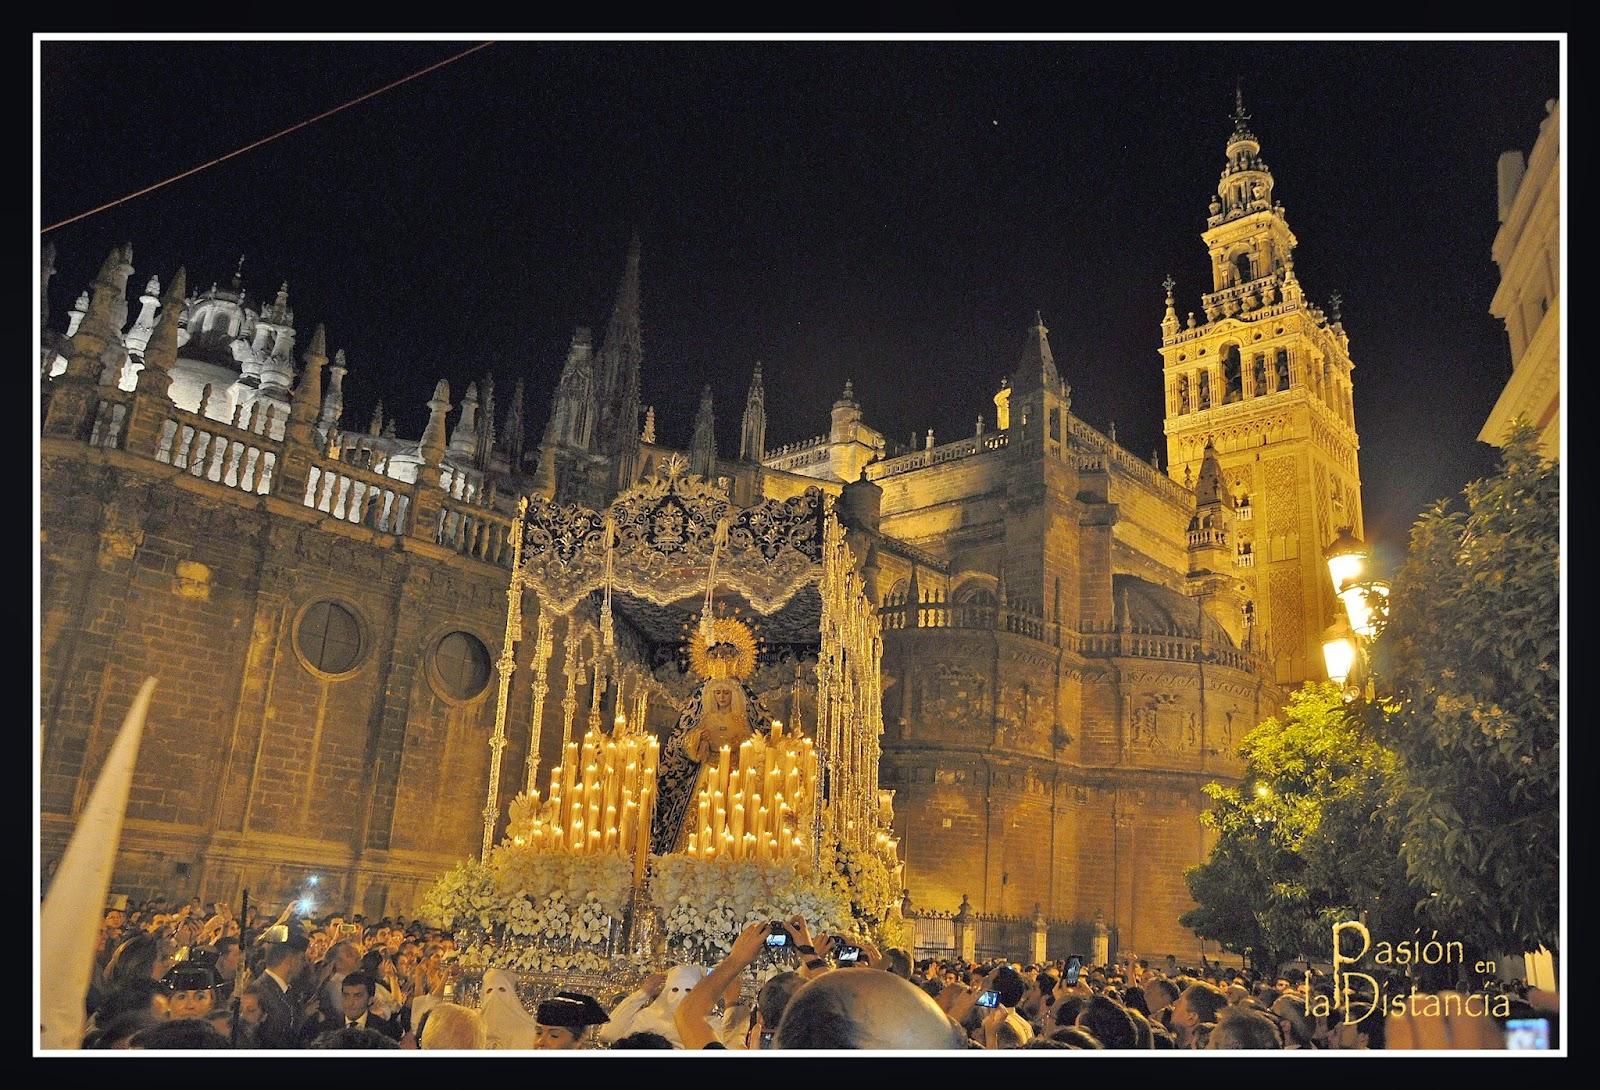 La-Candelaria-Plaza-del-Triunfo-Sevilla-2015